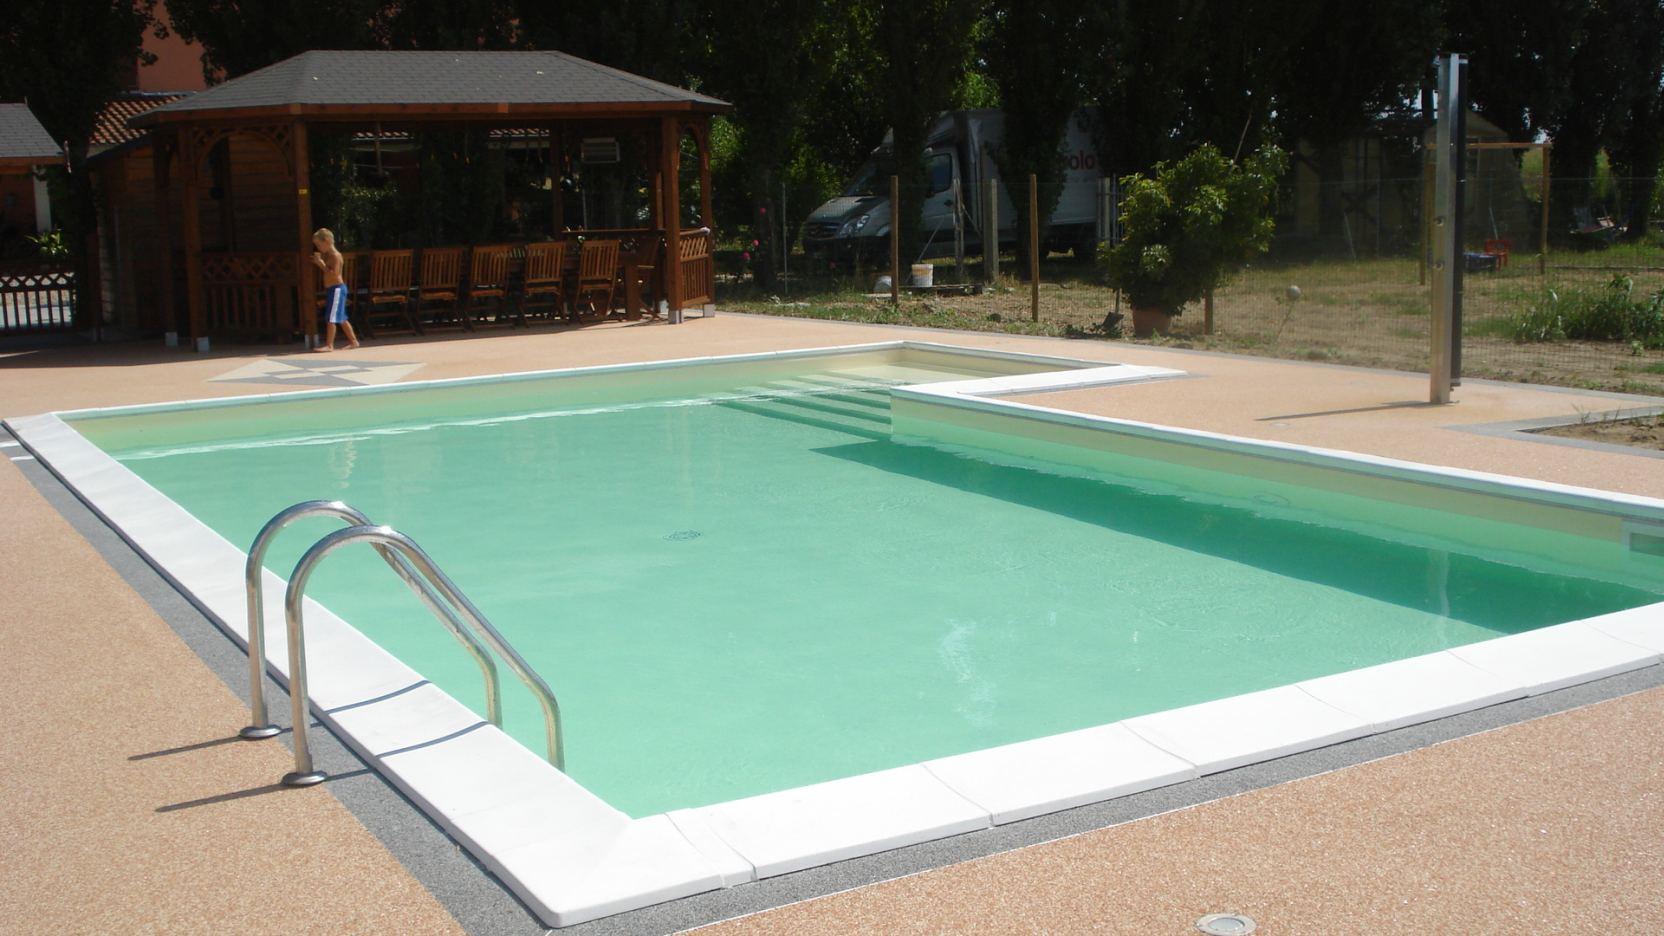 Fabbrico (2) - Casareggio Piscine: piscine, piscine mantova, costruttori di piscine